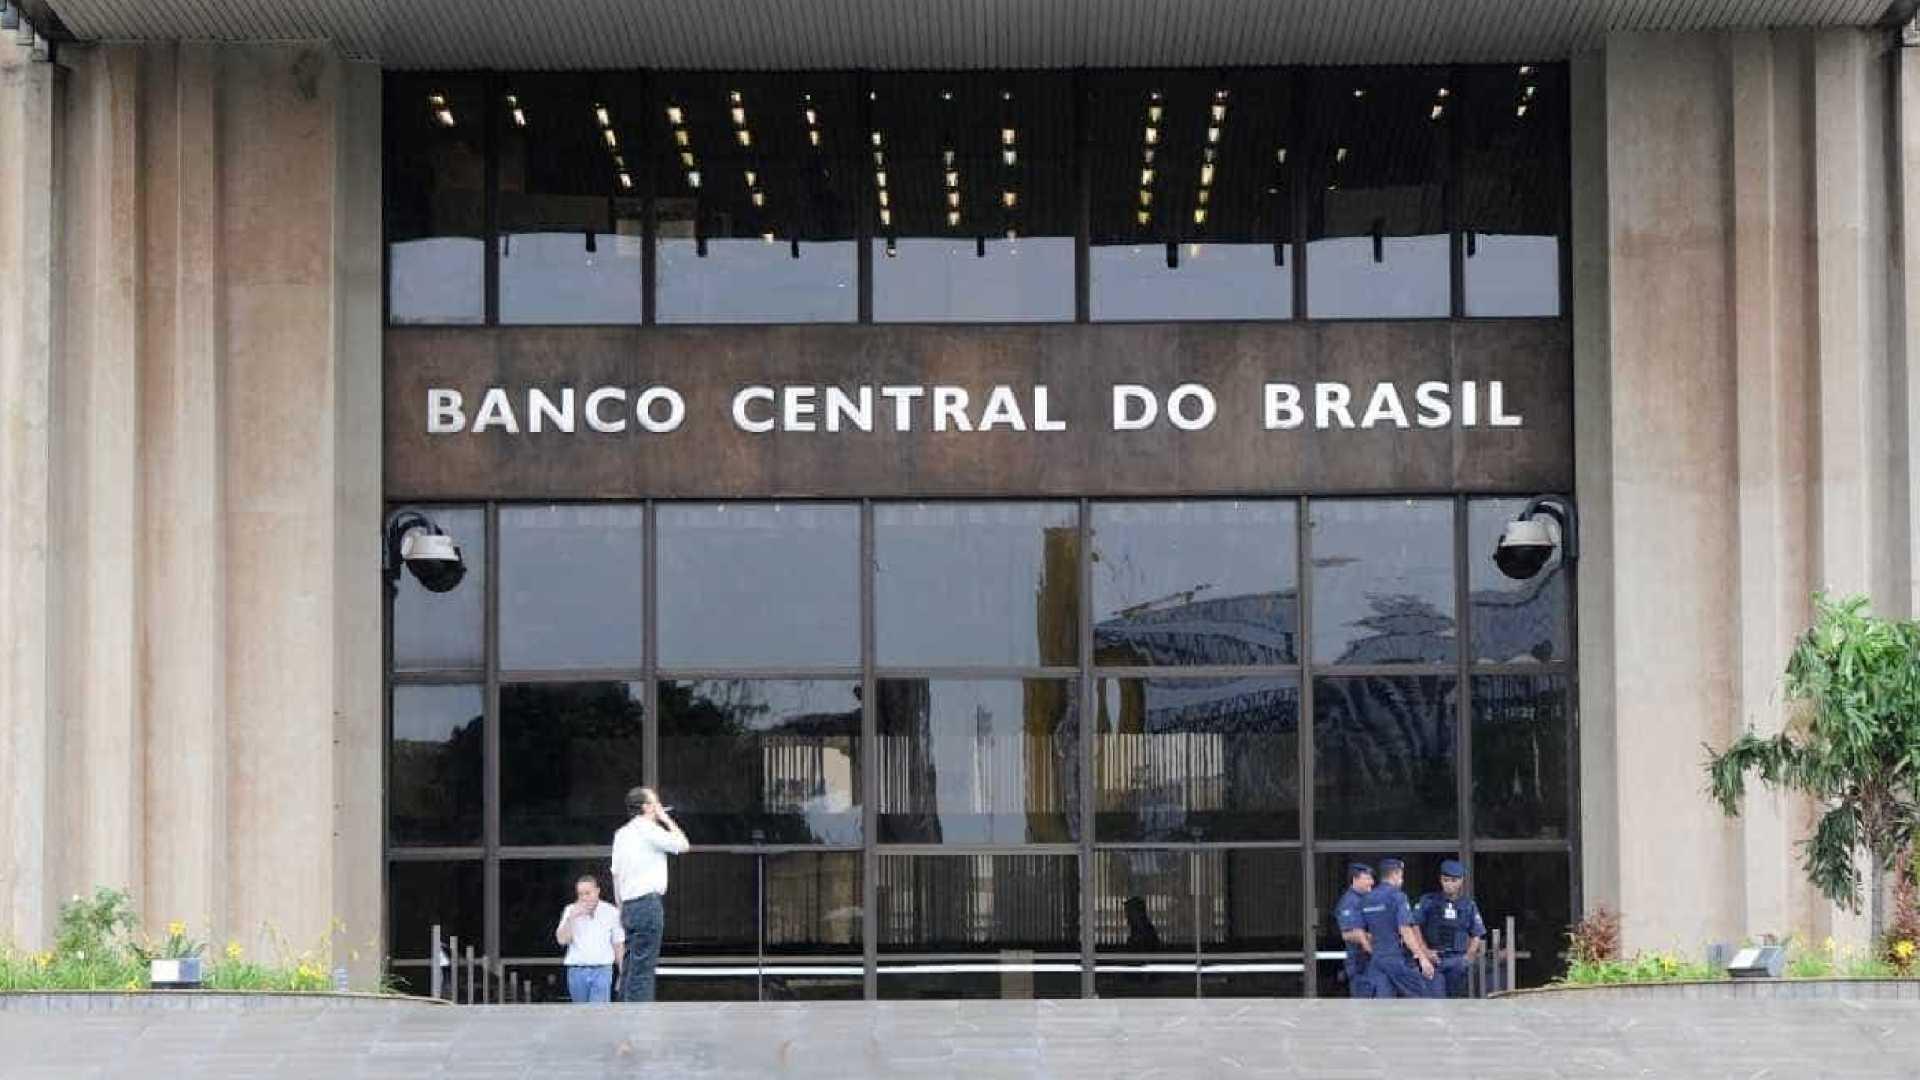 banco central bc - Banco Central pode interferir na disputa eleitoral - Por Míriam Leitão